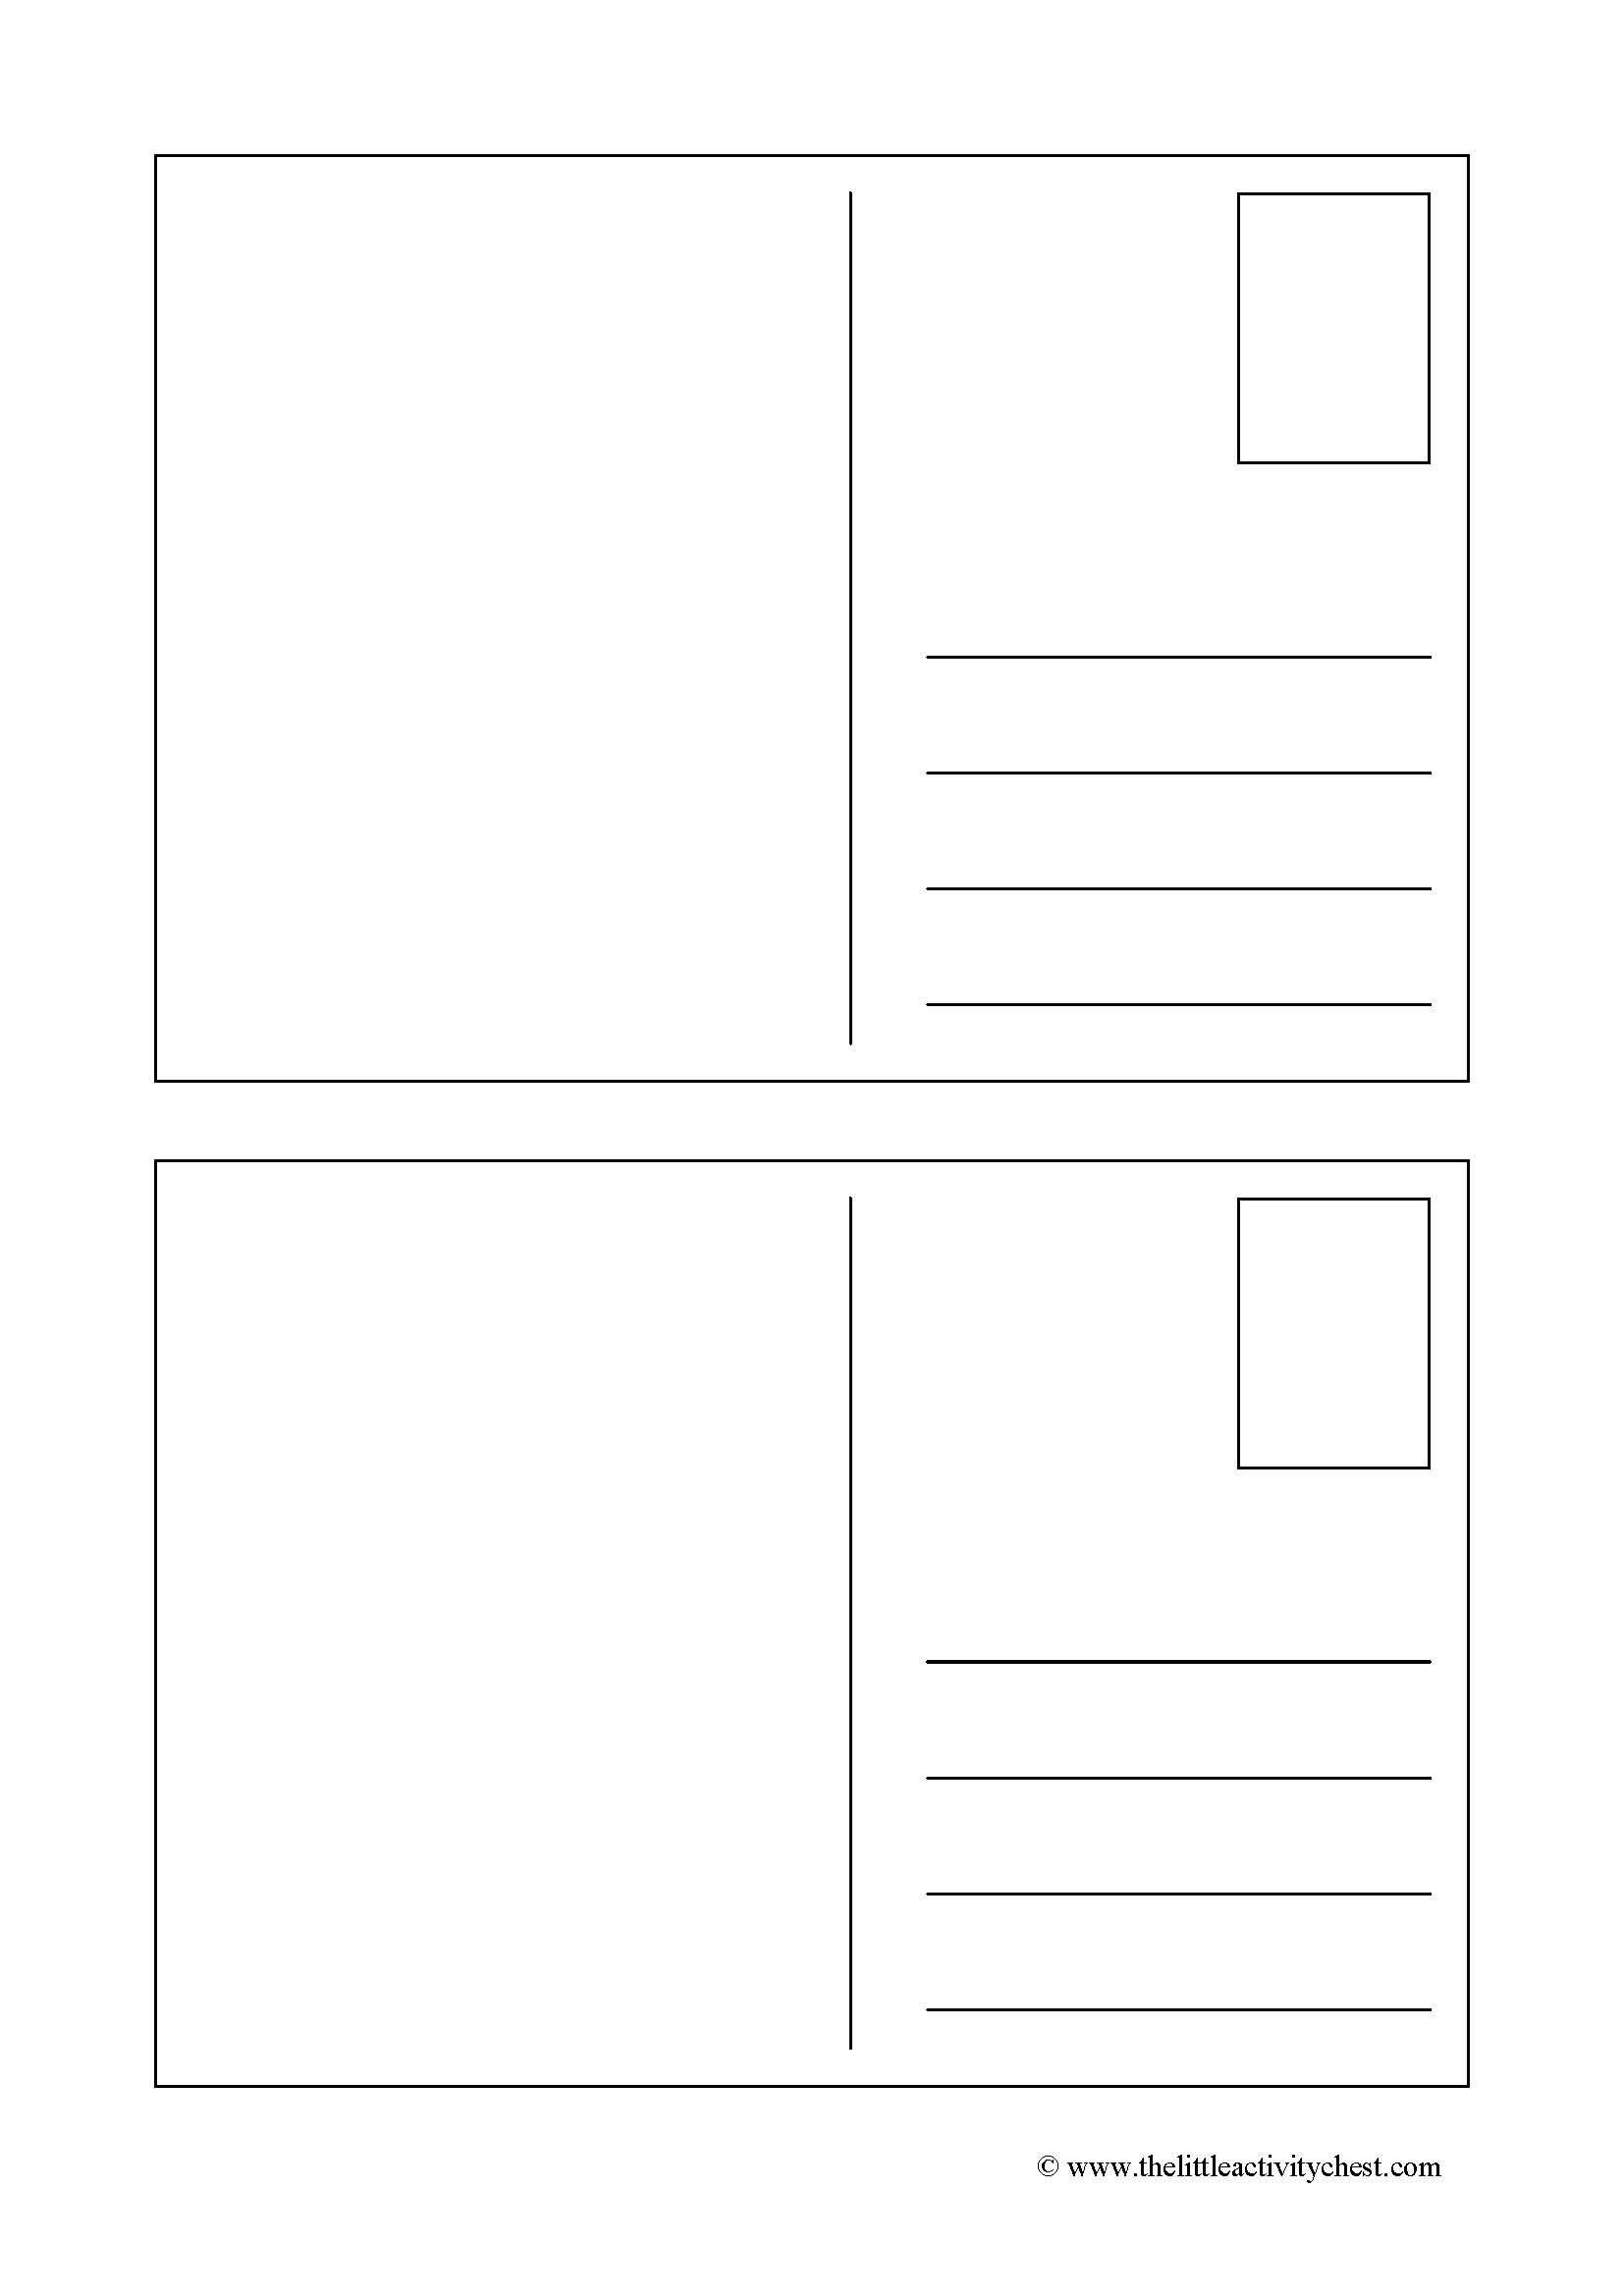 Бланк почтовую открытку, православной тематикой